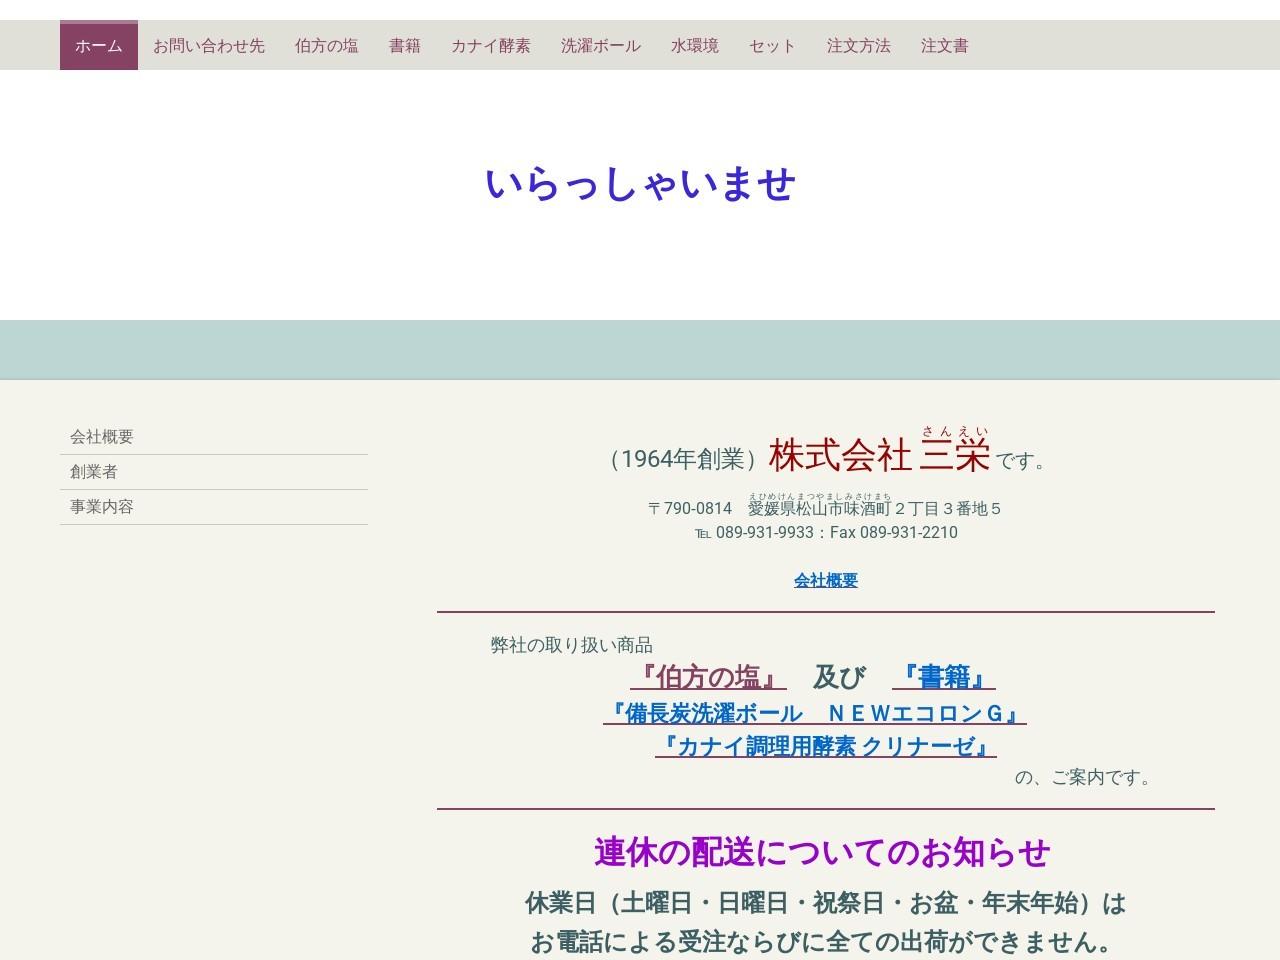 株式会社三栄